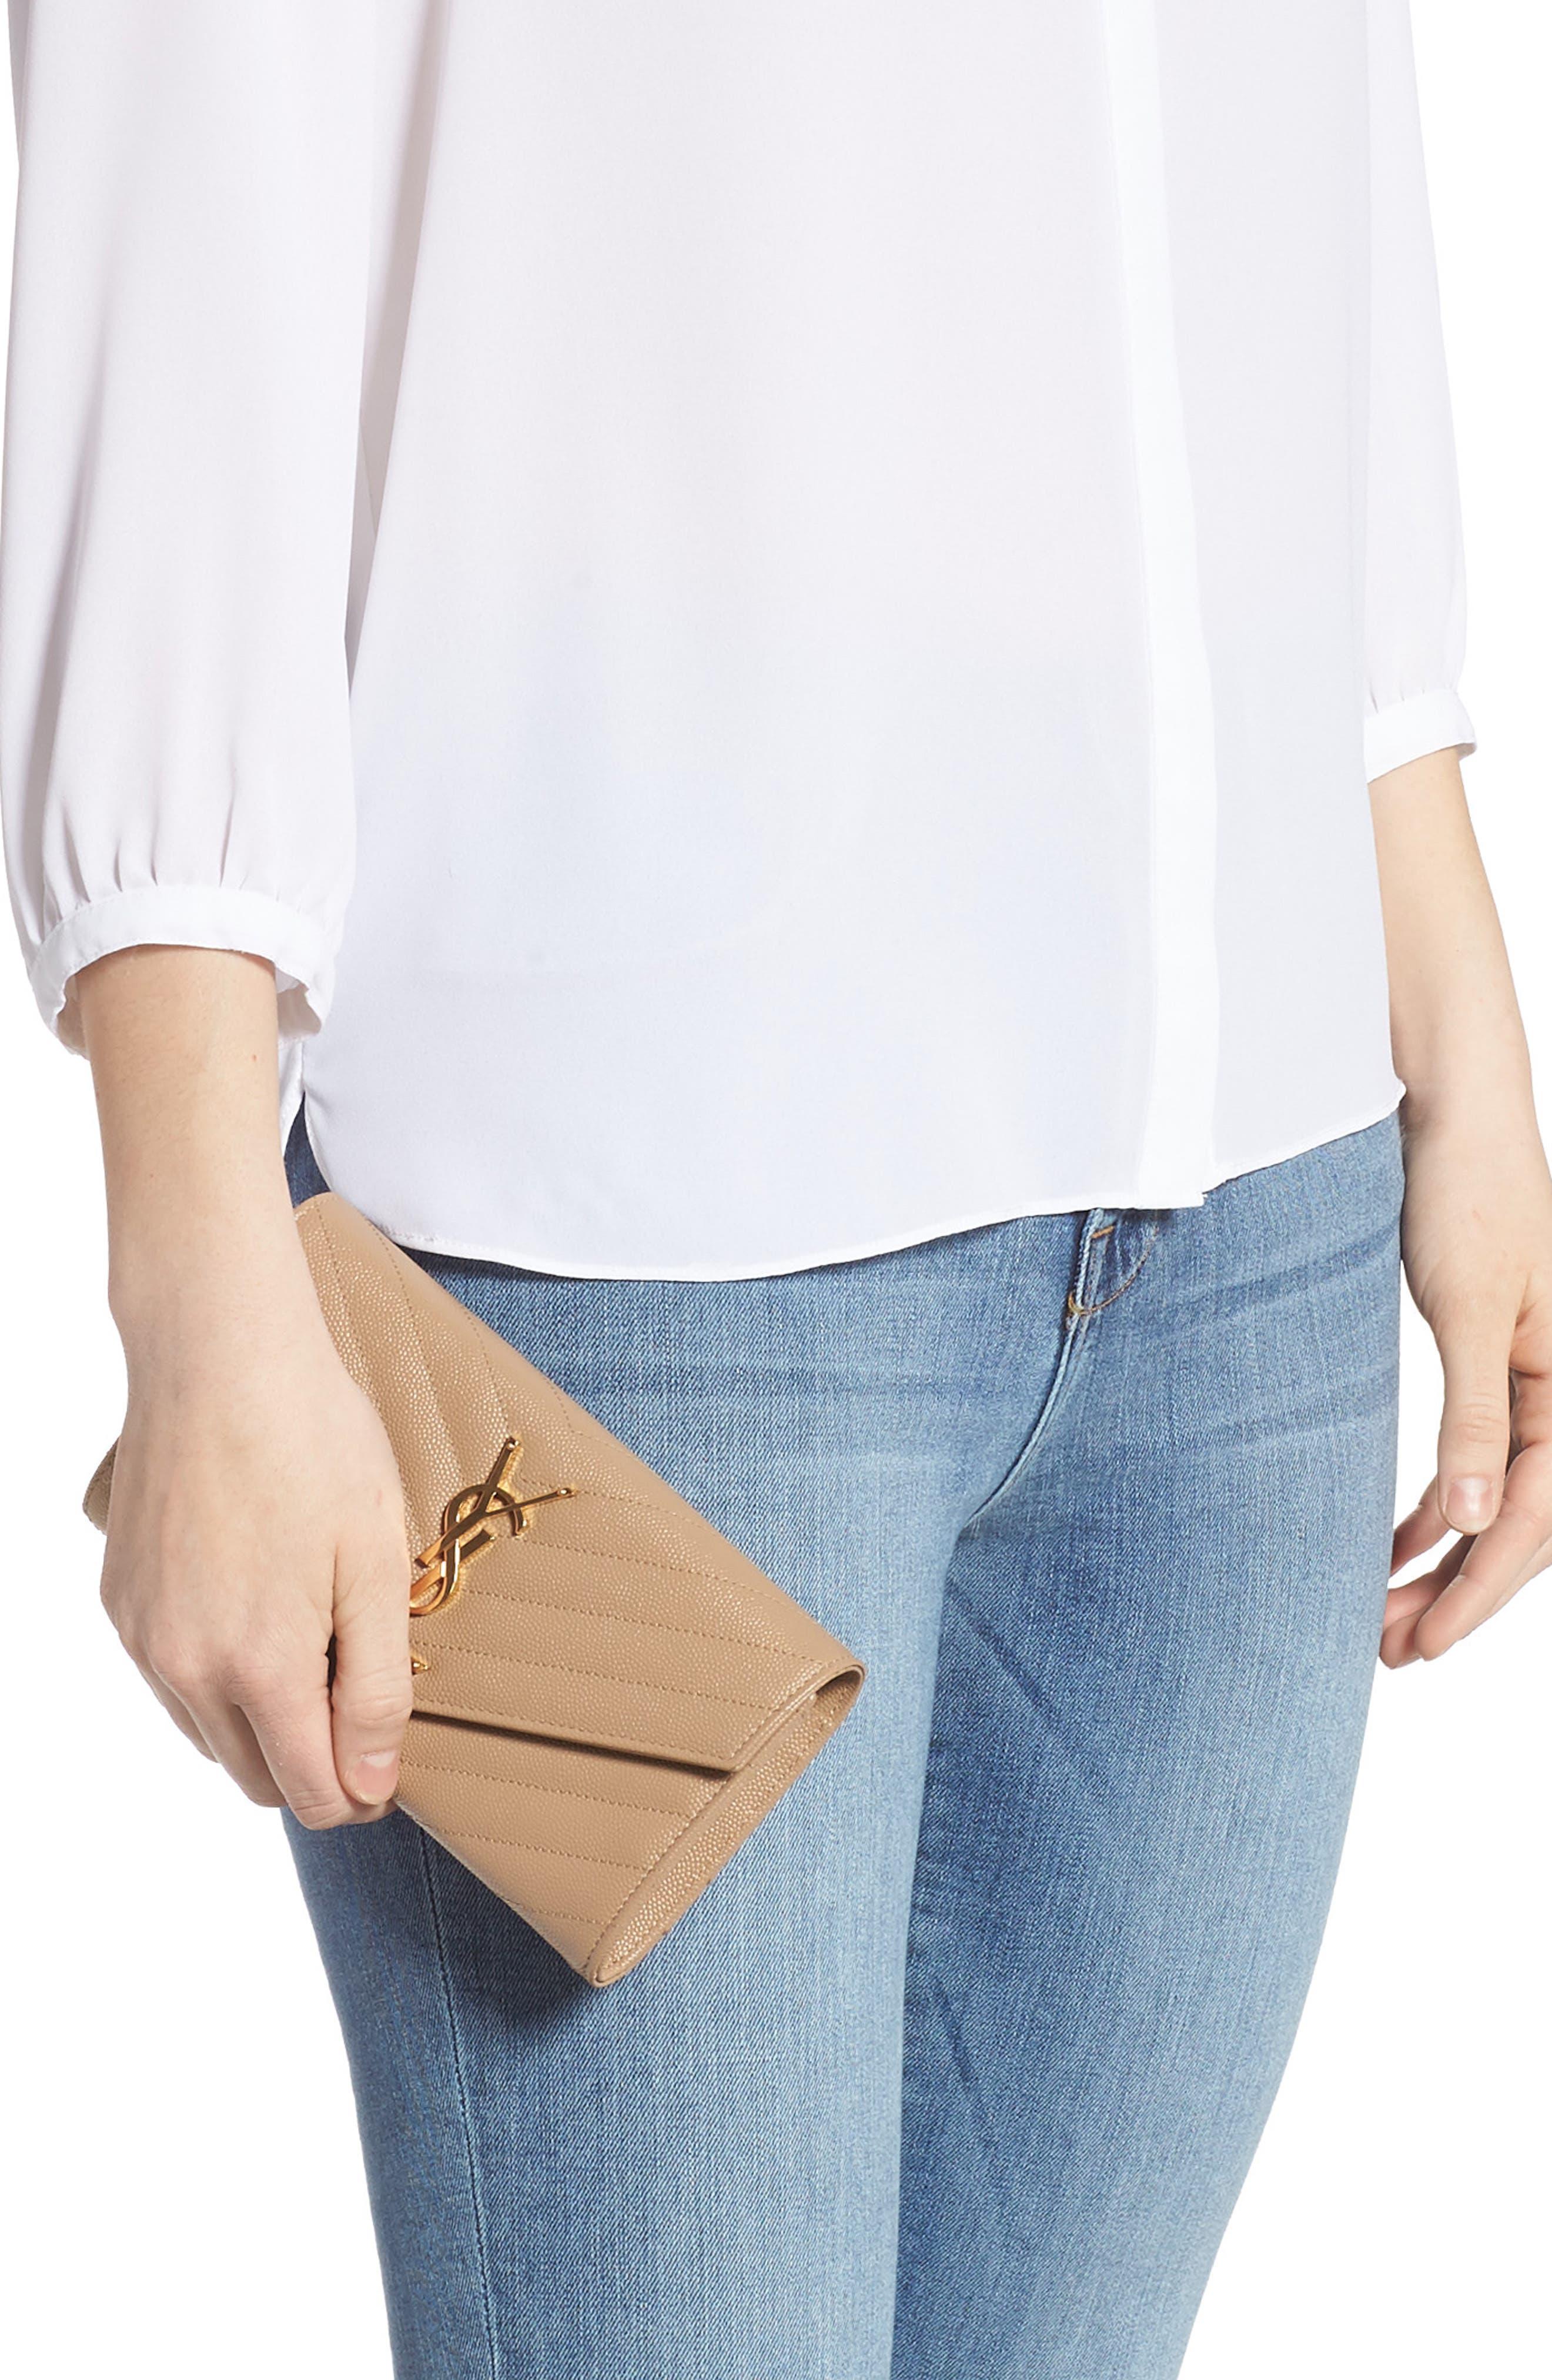 SAINT LAURENT, Monogram Logo Leather Flap Wallet, Alternate thumbnail 2, color, CHENE